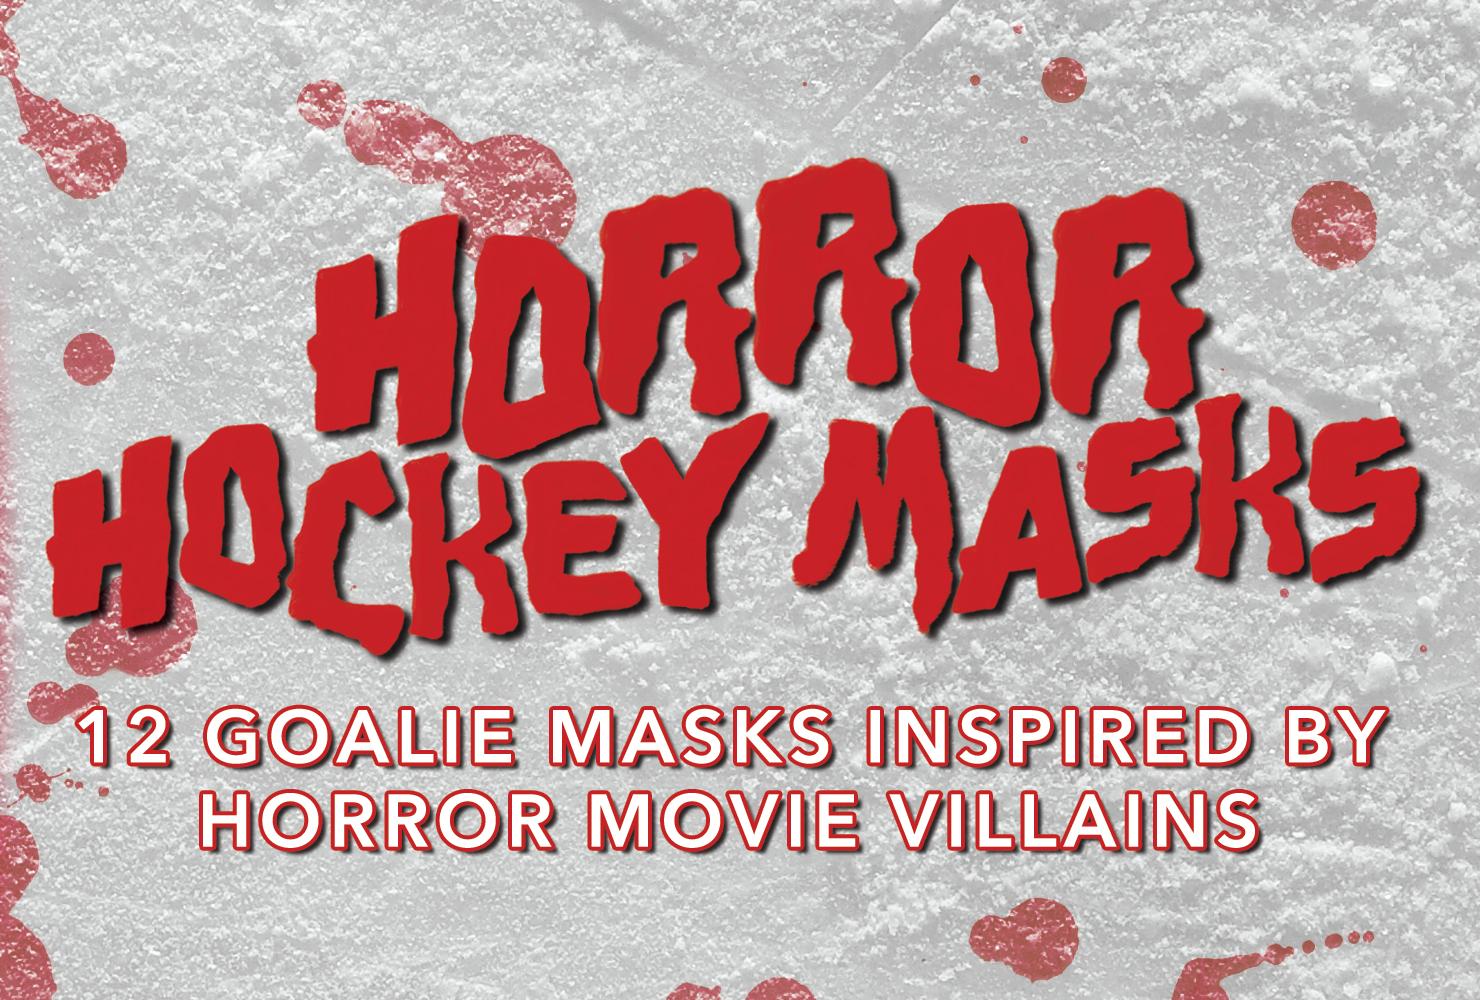 Horror Hockey Masks: 12 Goalie Masks Inspired by Horror Movie Villains